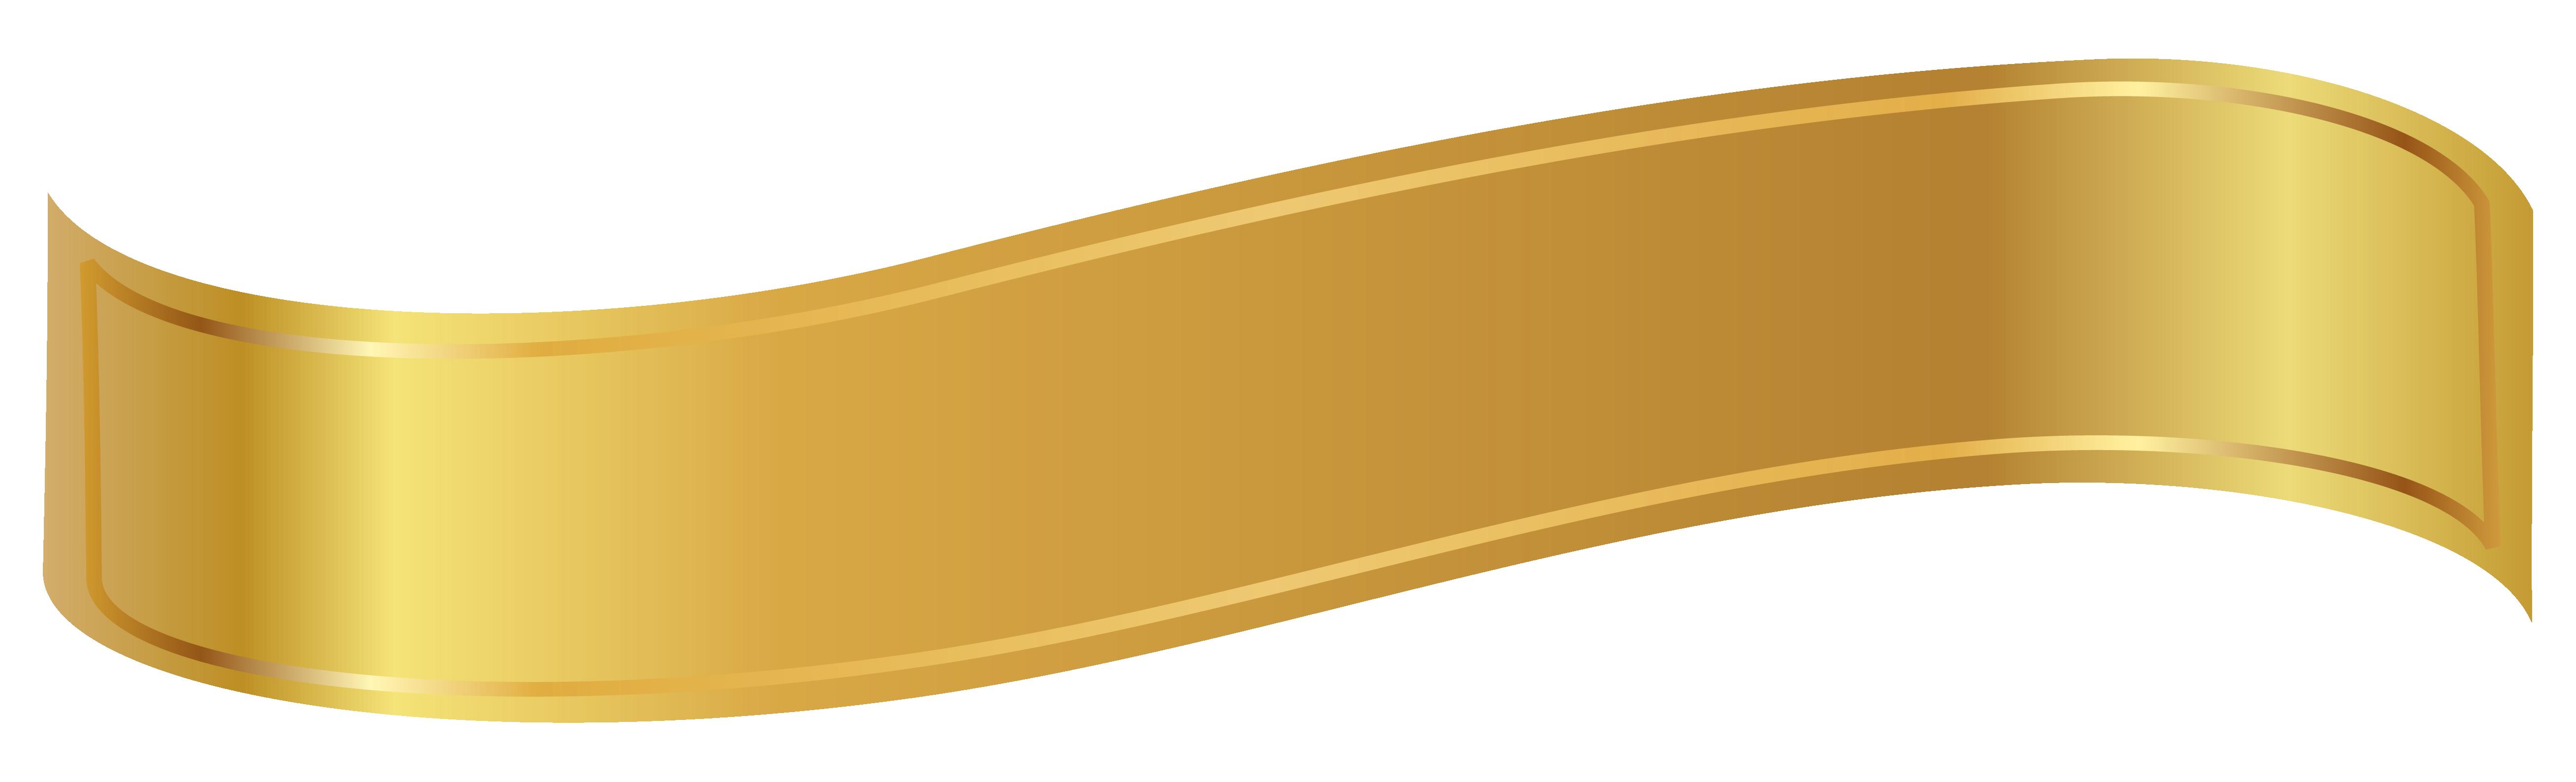 Material Yellow Angle.